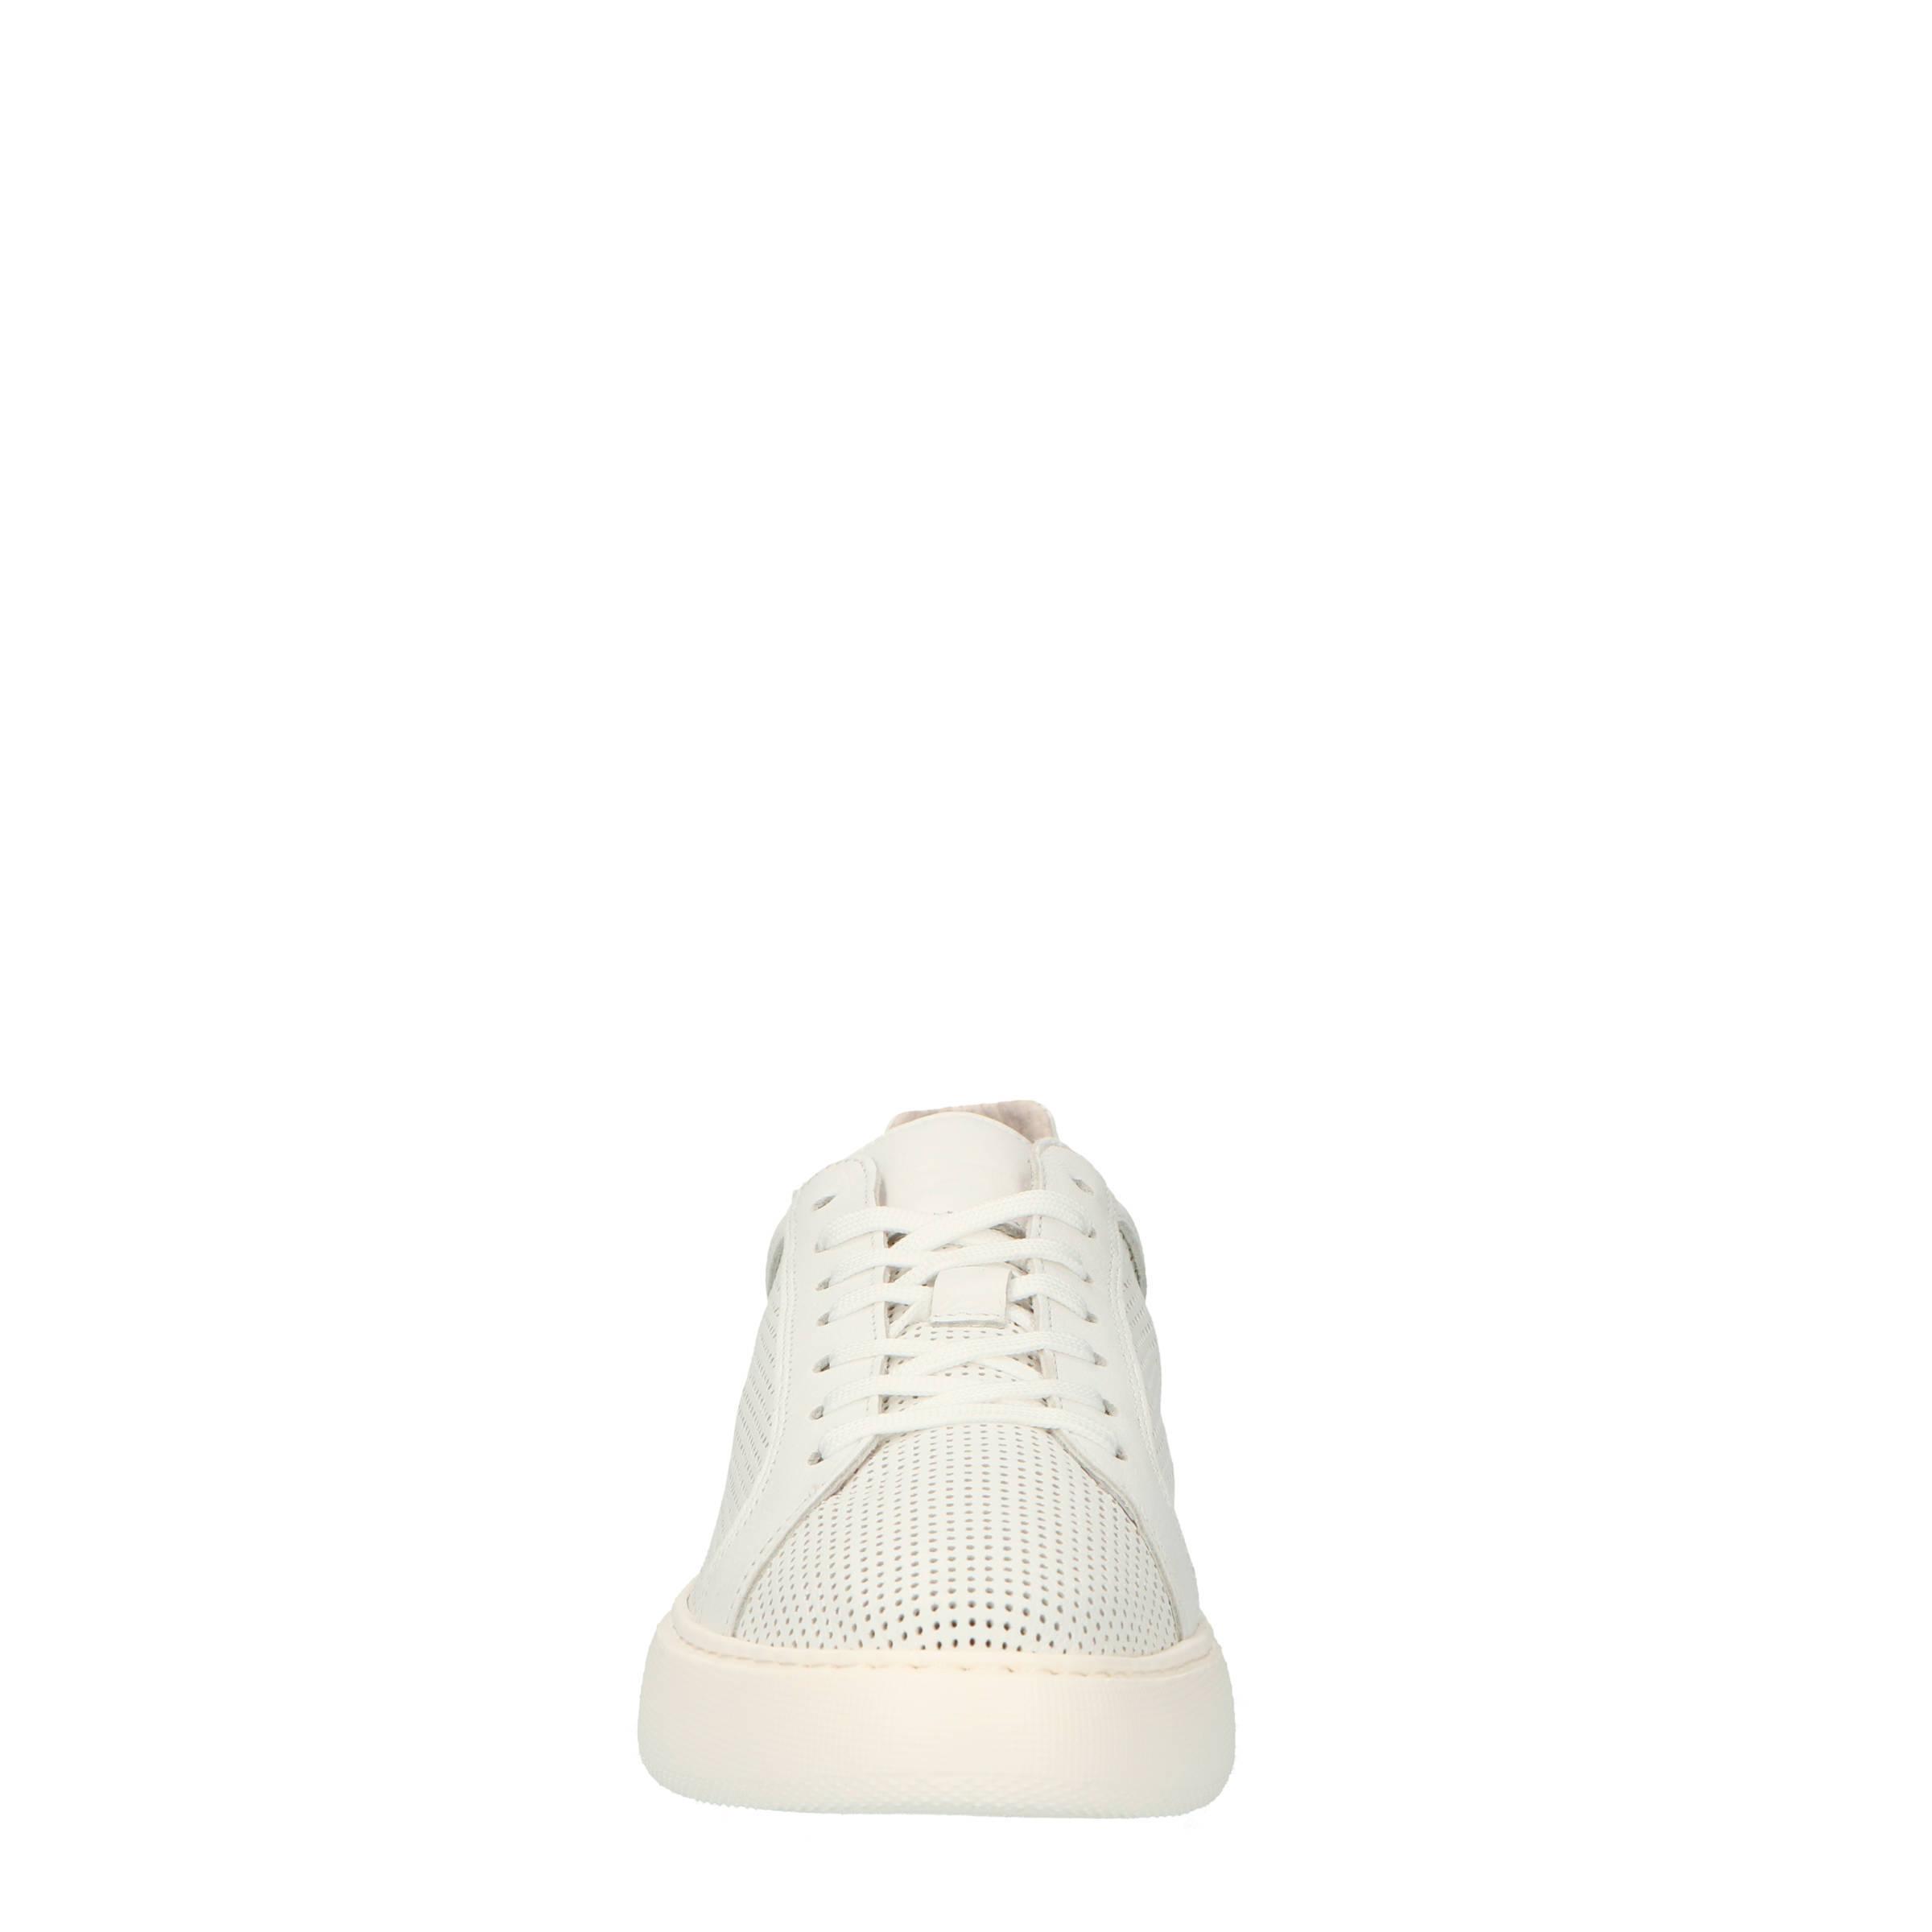 Wit Wehkamp Leren Wit Leren Bianco Wehkamp Sneakers Sneakers Leren Bianco Bianco vzCR1w